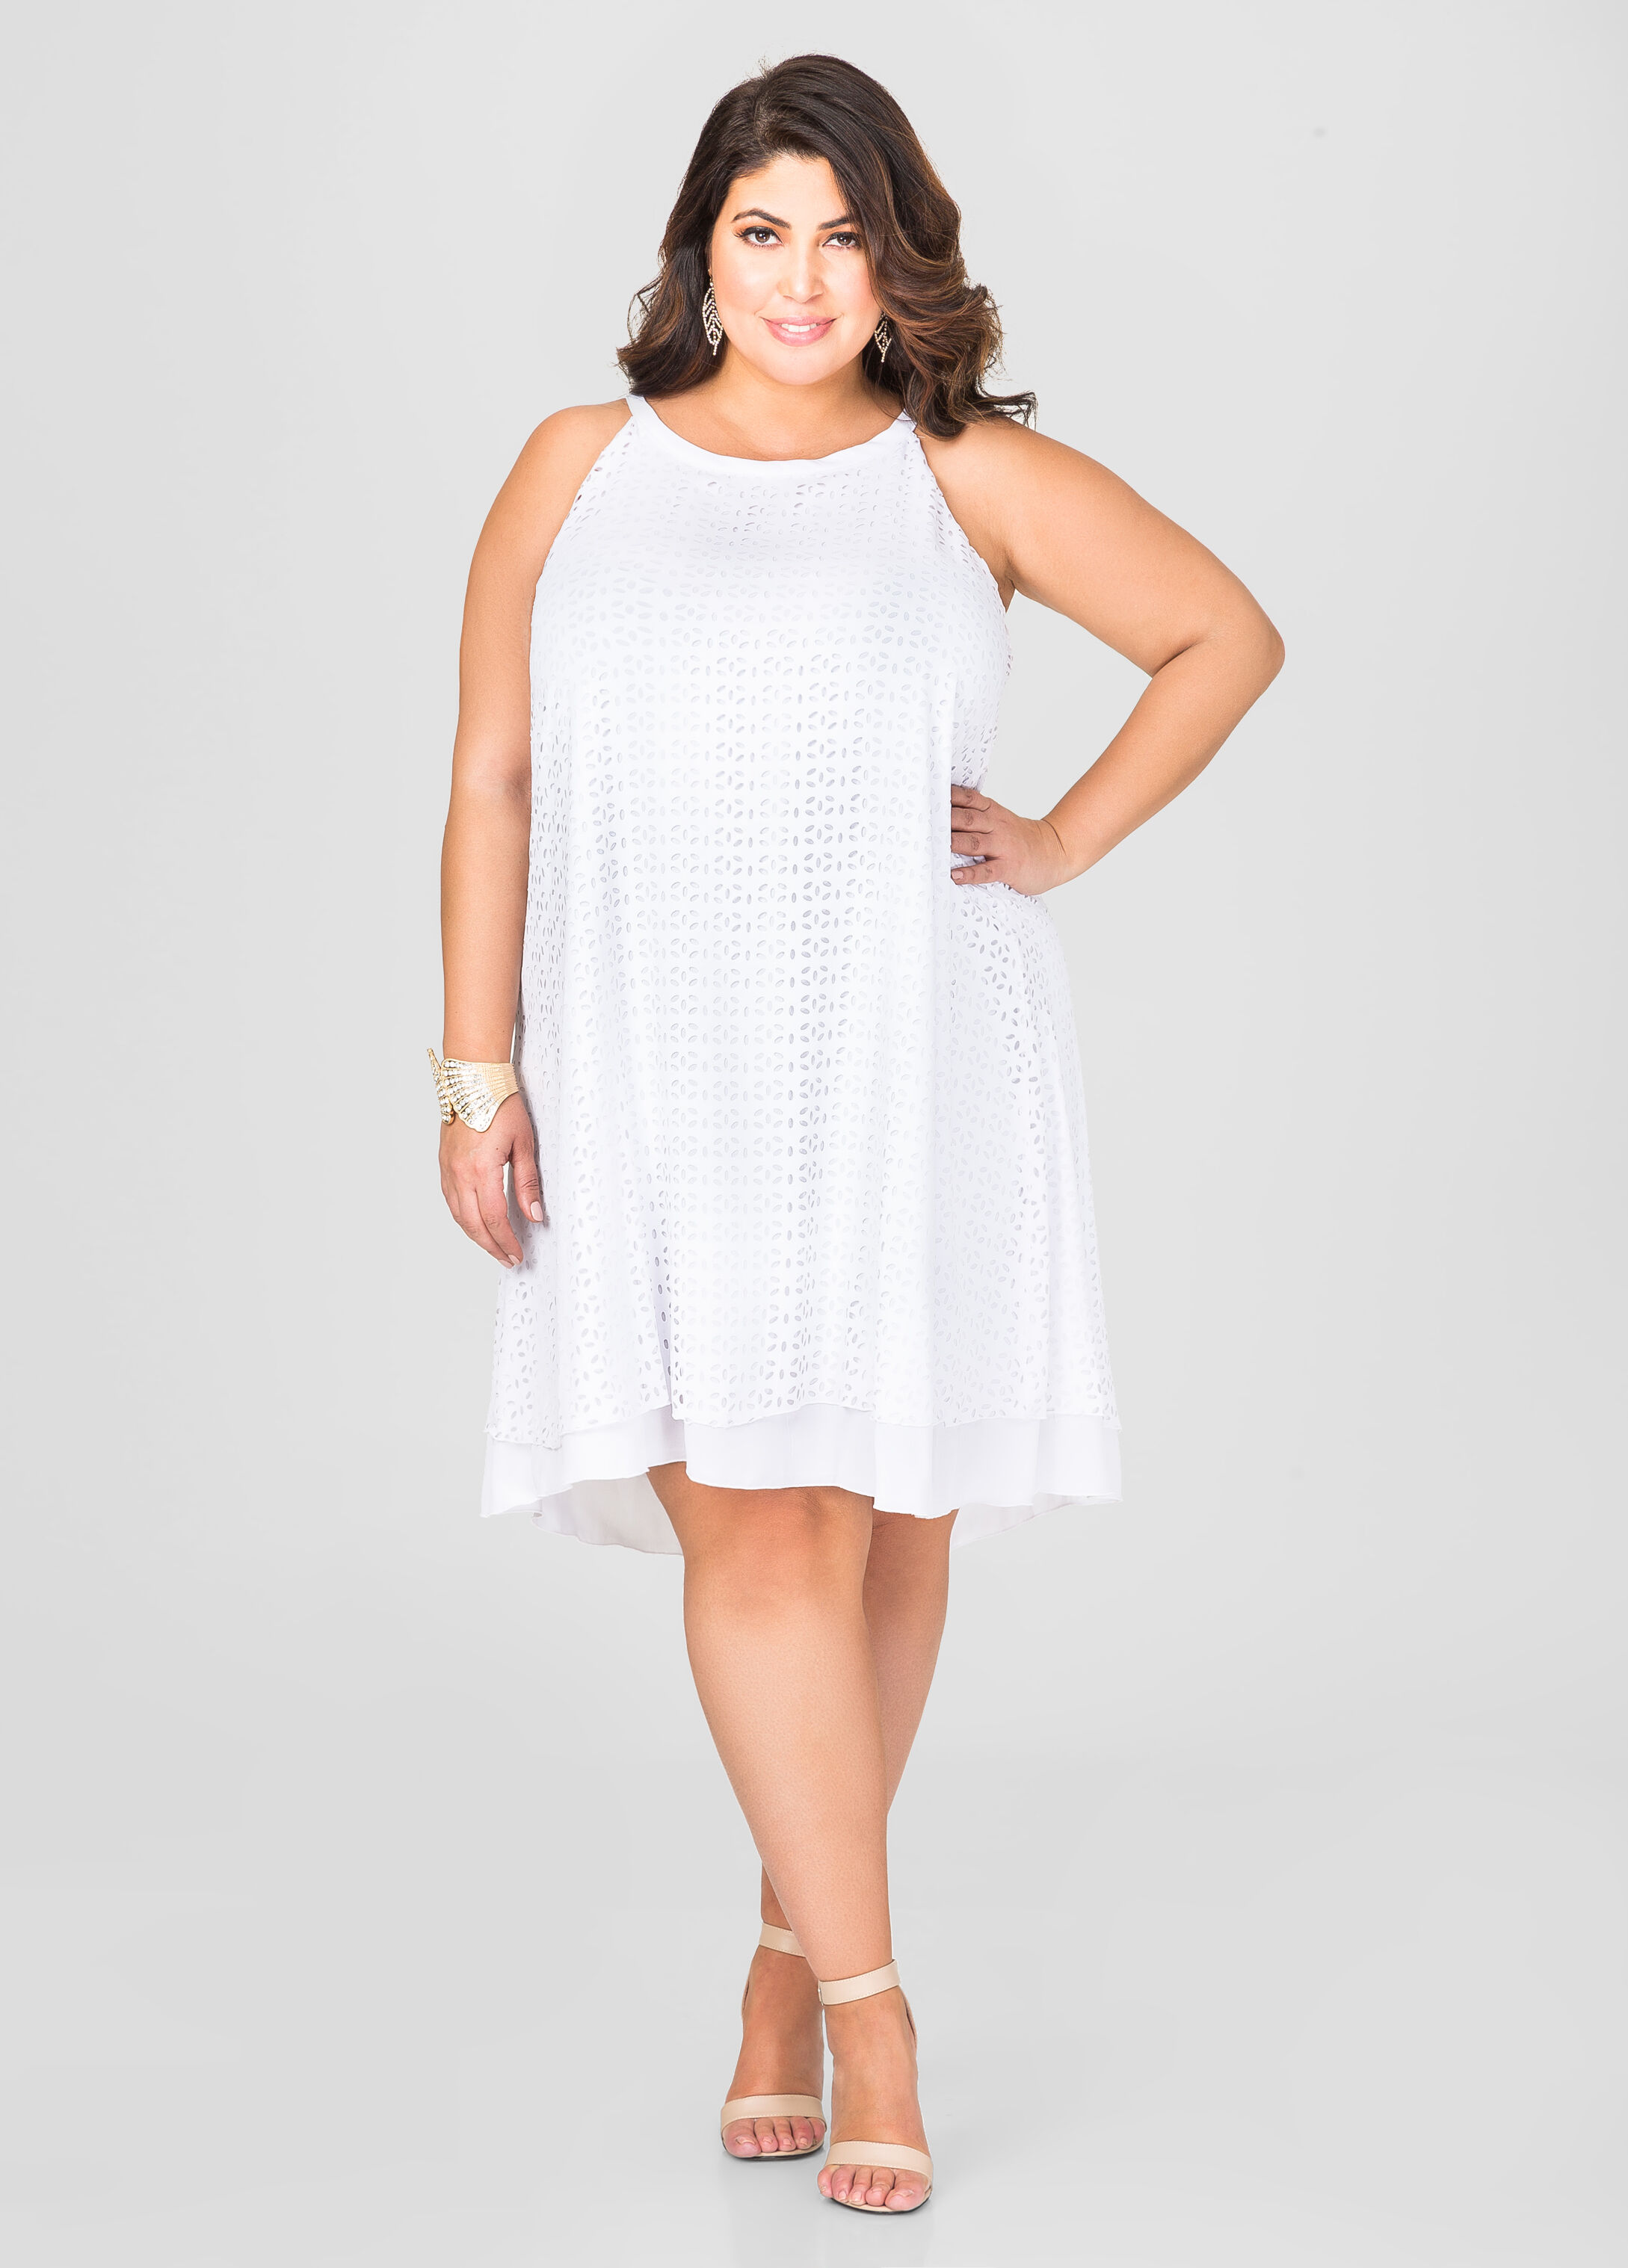 Laser cut trapeze dress plus size dresses ashley stewart for Ashley stewart wedding dresses